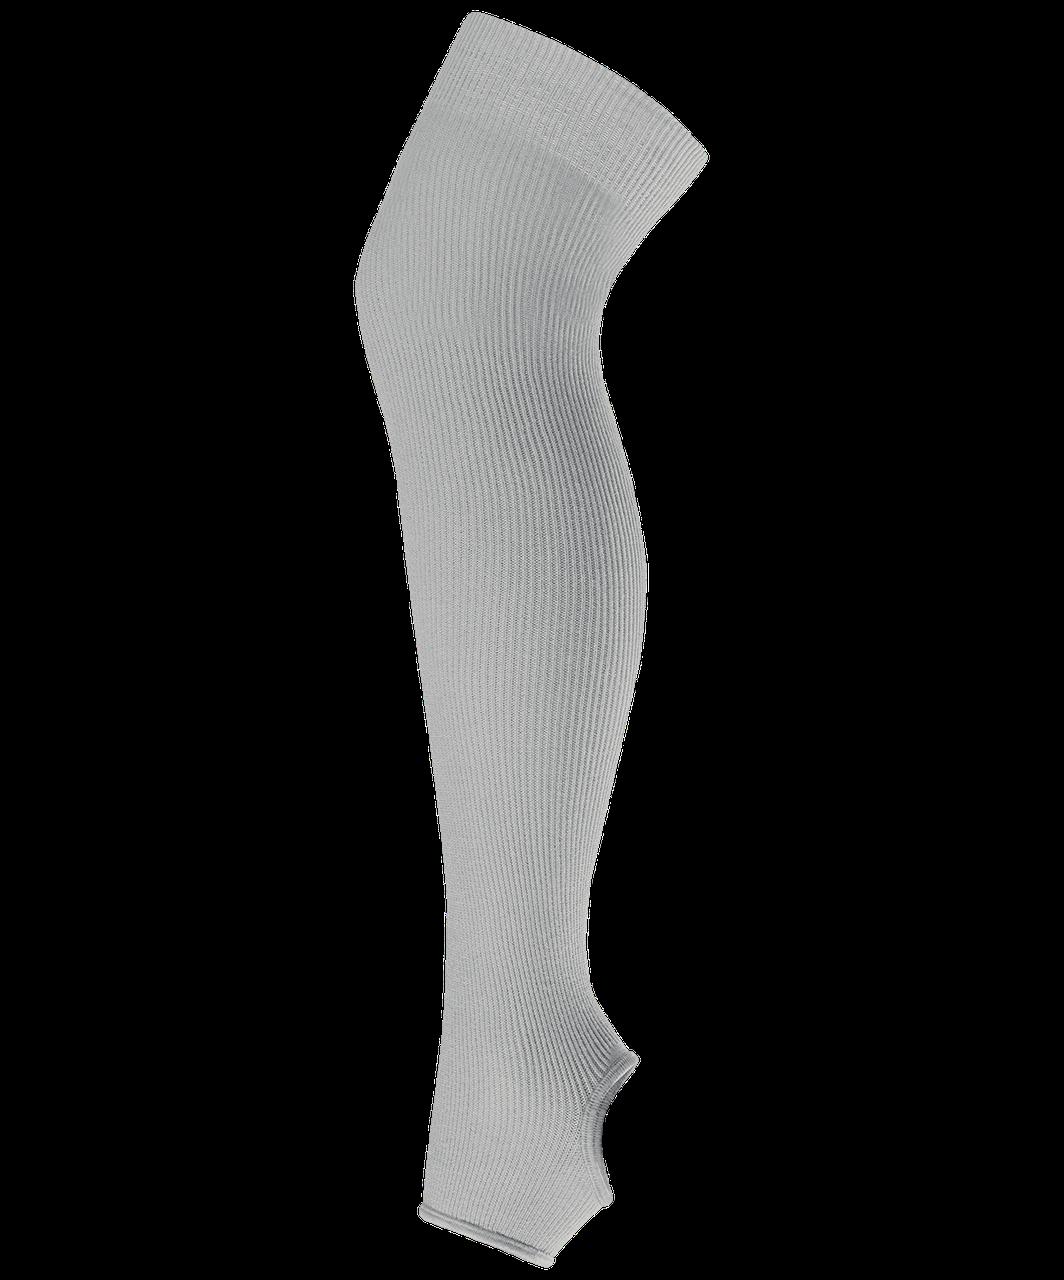 Гетры для танцев GS-201, х/б, серый, 55 см